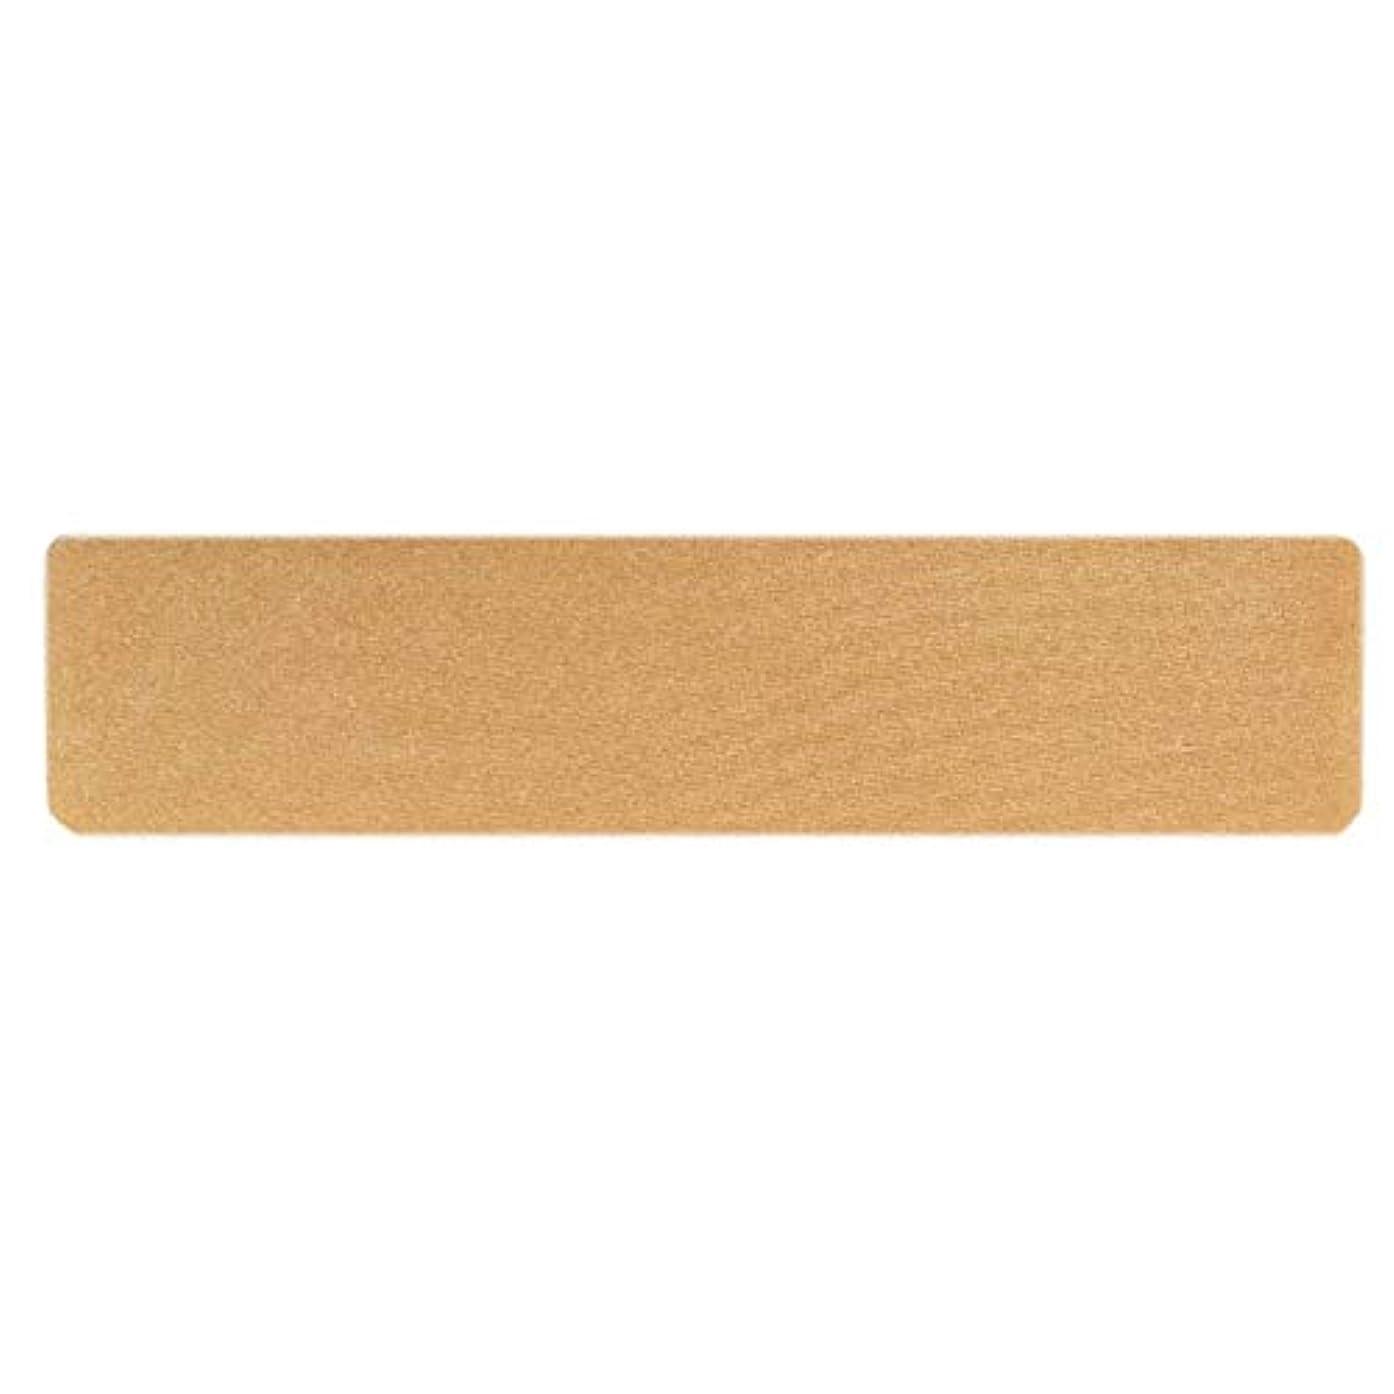 工場掃くフリルDeeploveUU 弾力性シリコーン瘢痕ゲルアウェイストリップ貼り付け医療外傷熱傷皮膚修復瘢痕治療パッチRemovel瘢痕